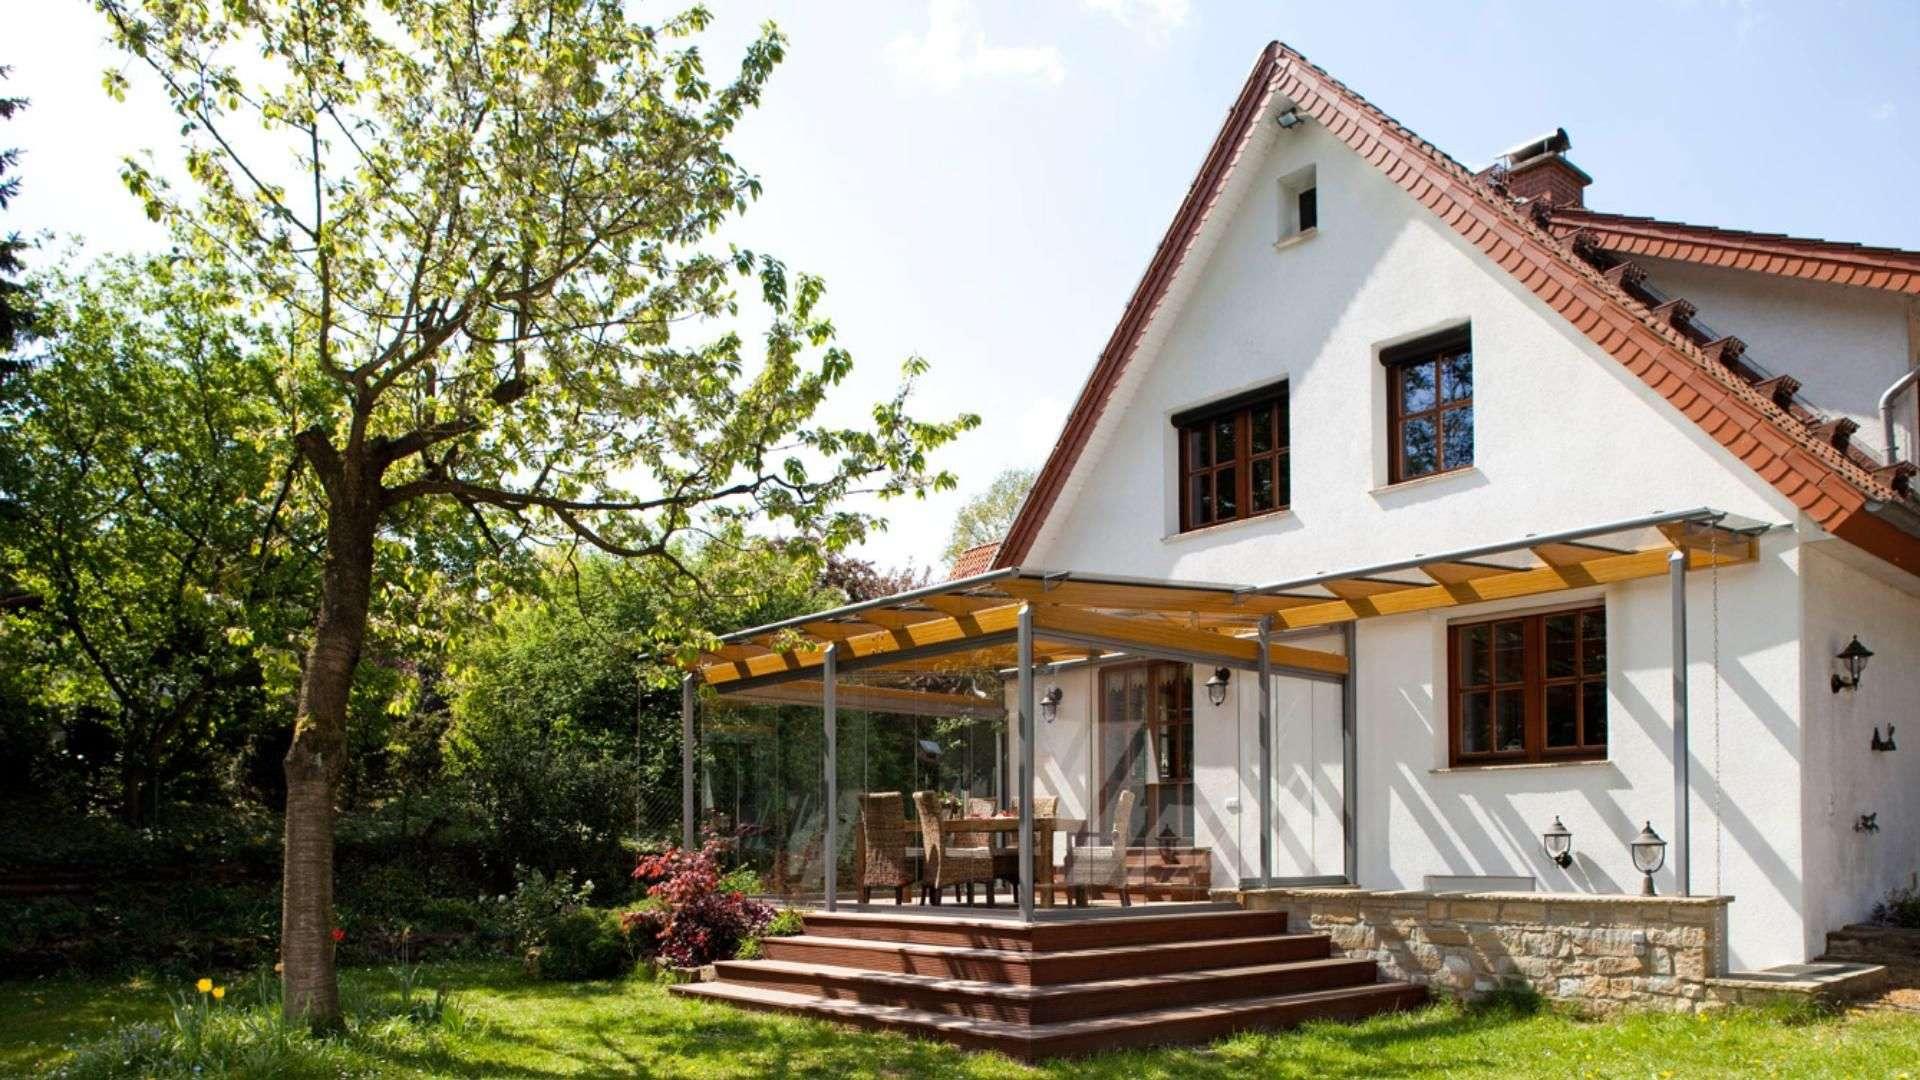 Terrassendach an einem Einfamilienhaus mit Garten